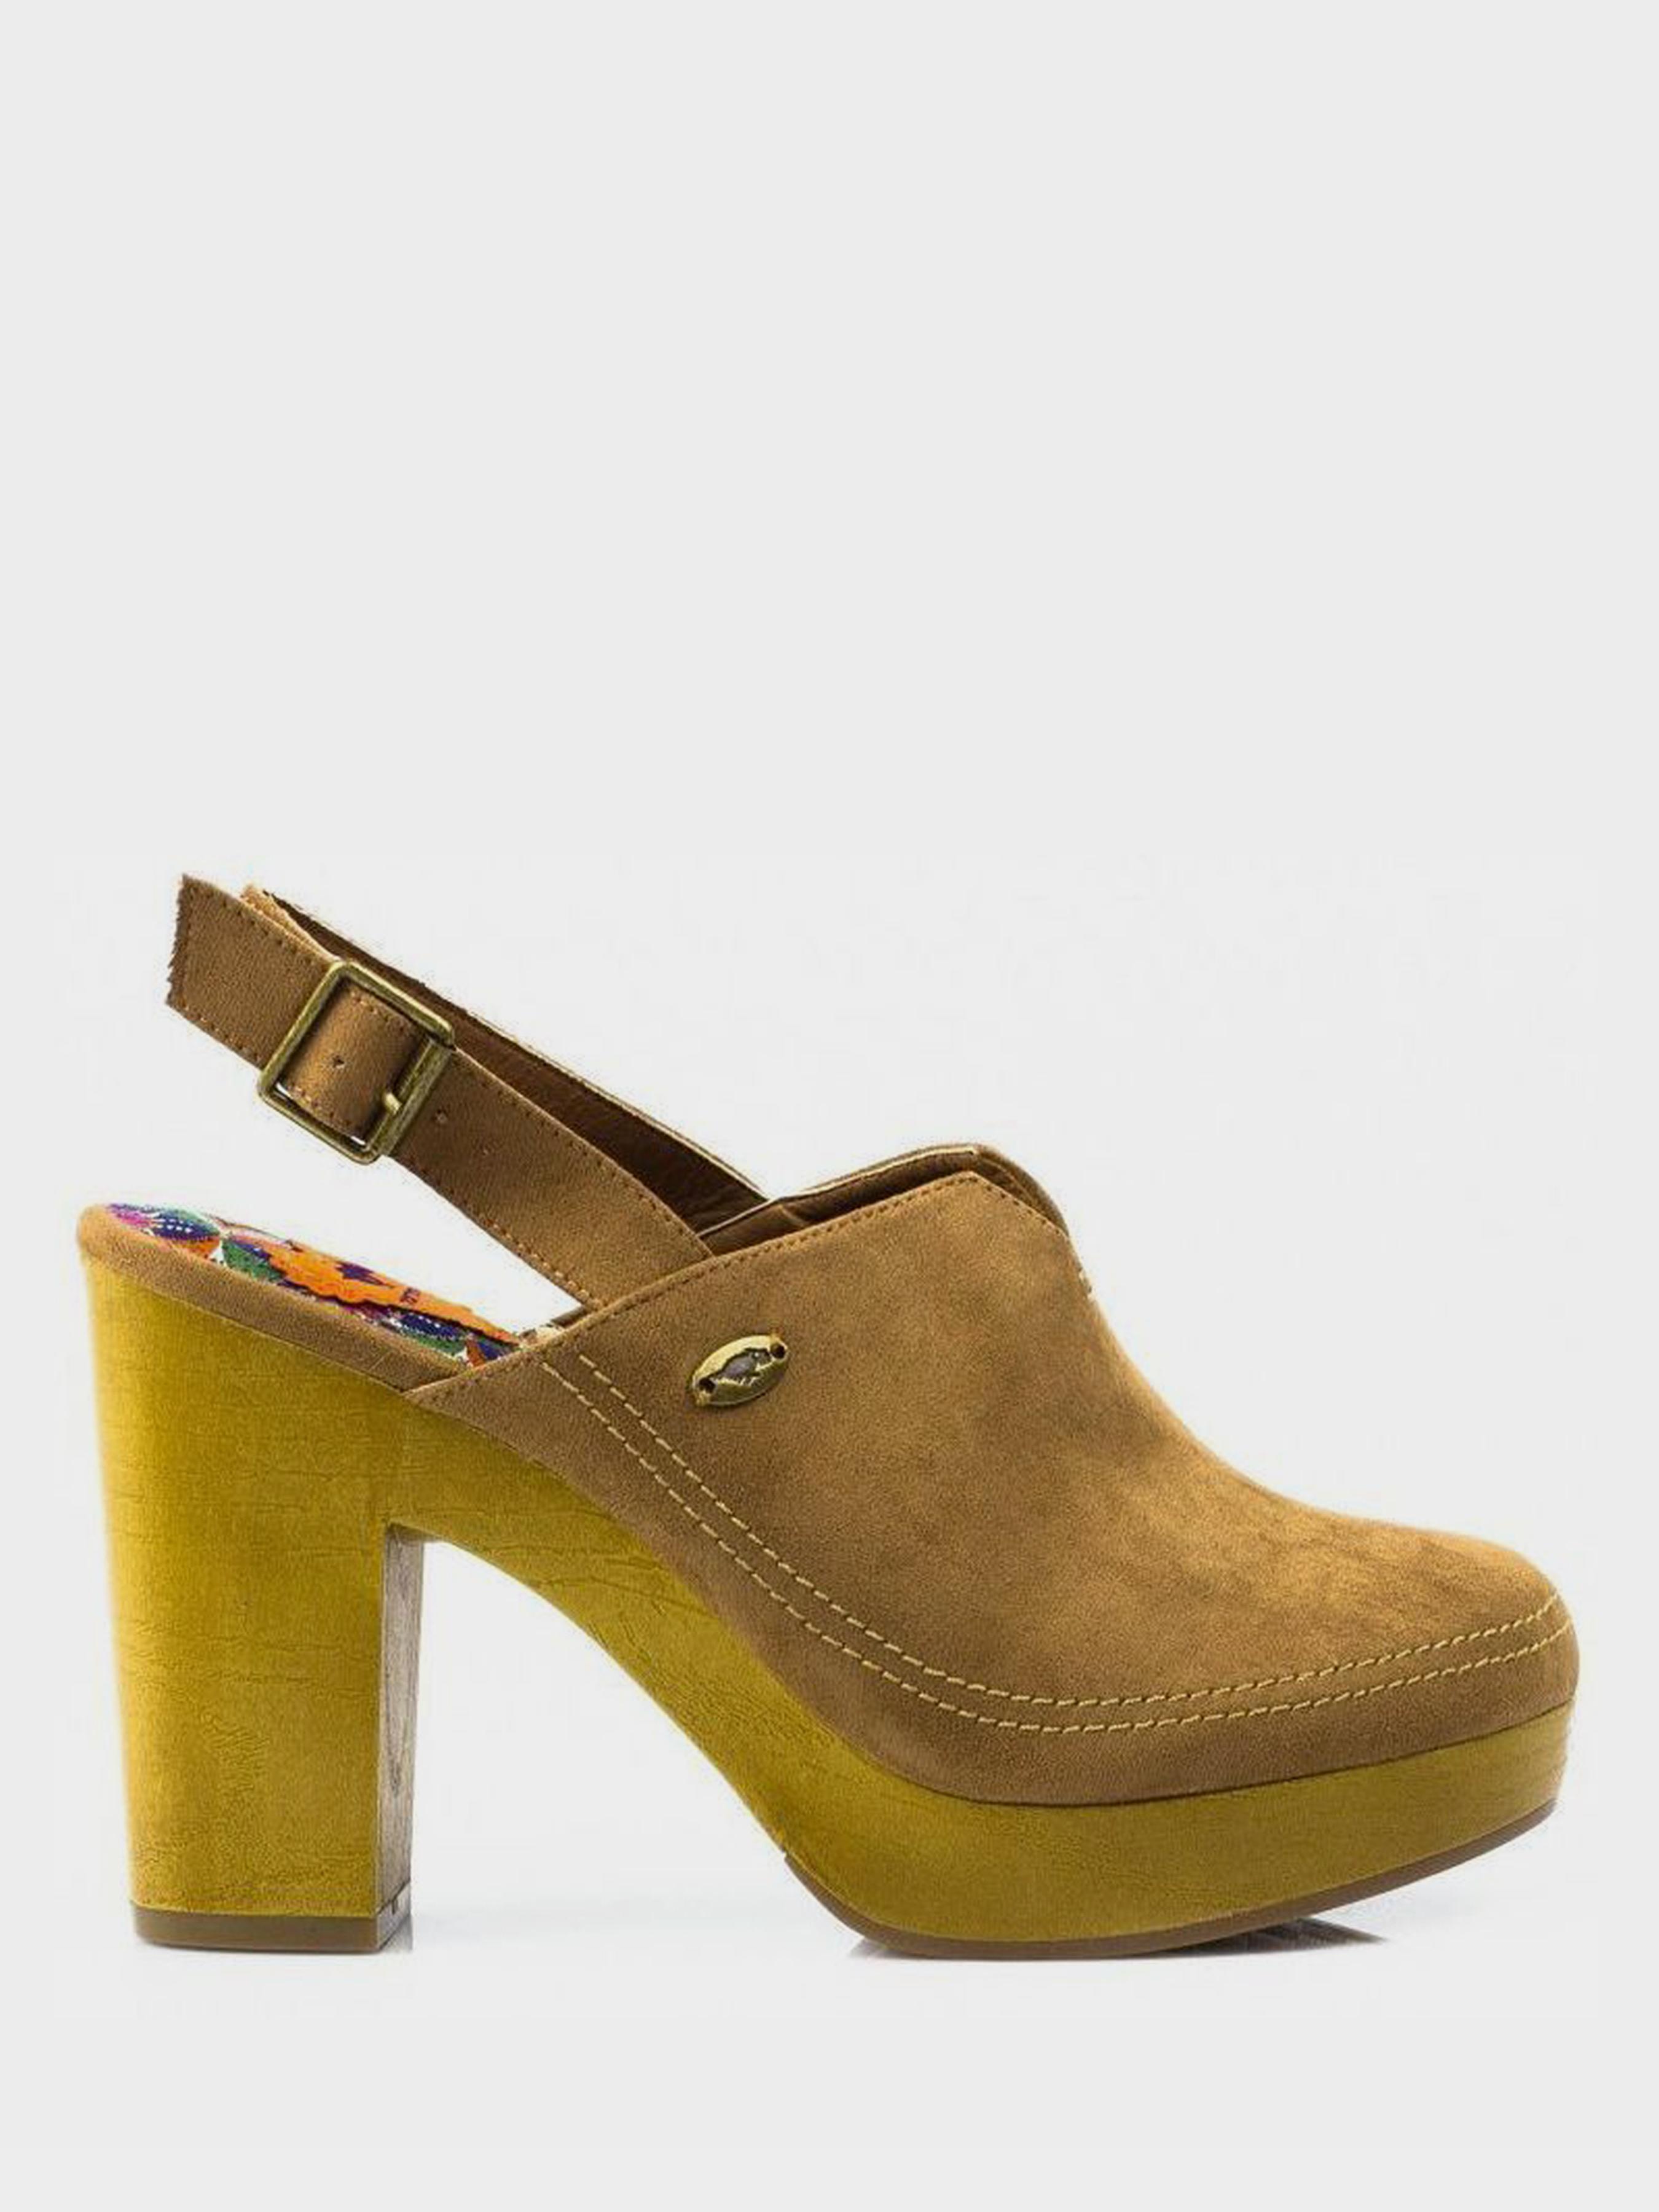 Босоножки женские Rocket Dog BRASIL RG148 размерная сетка обуви, 2017